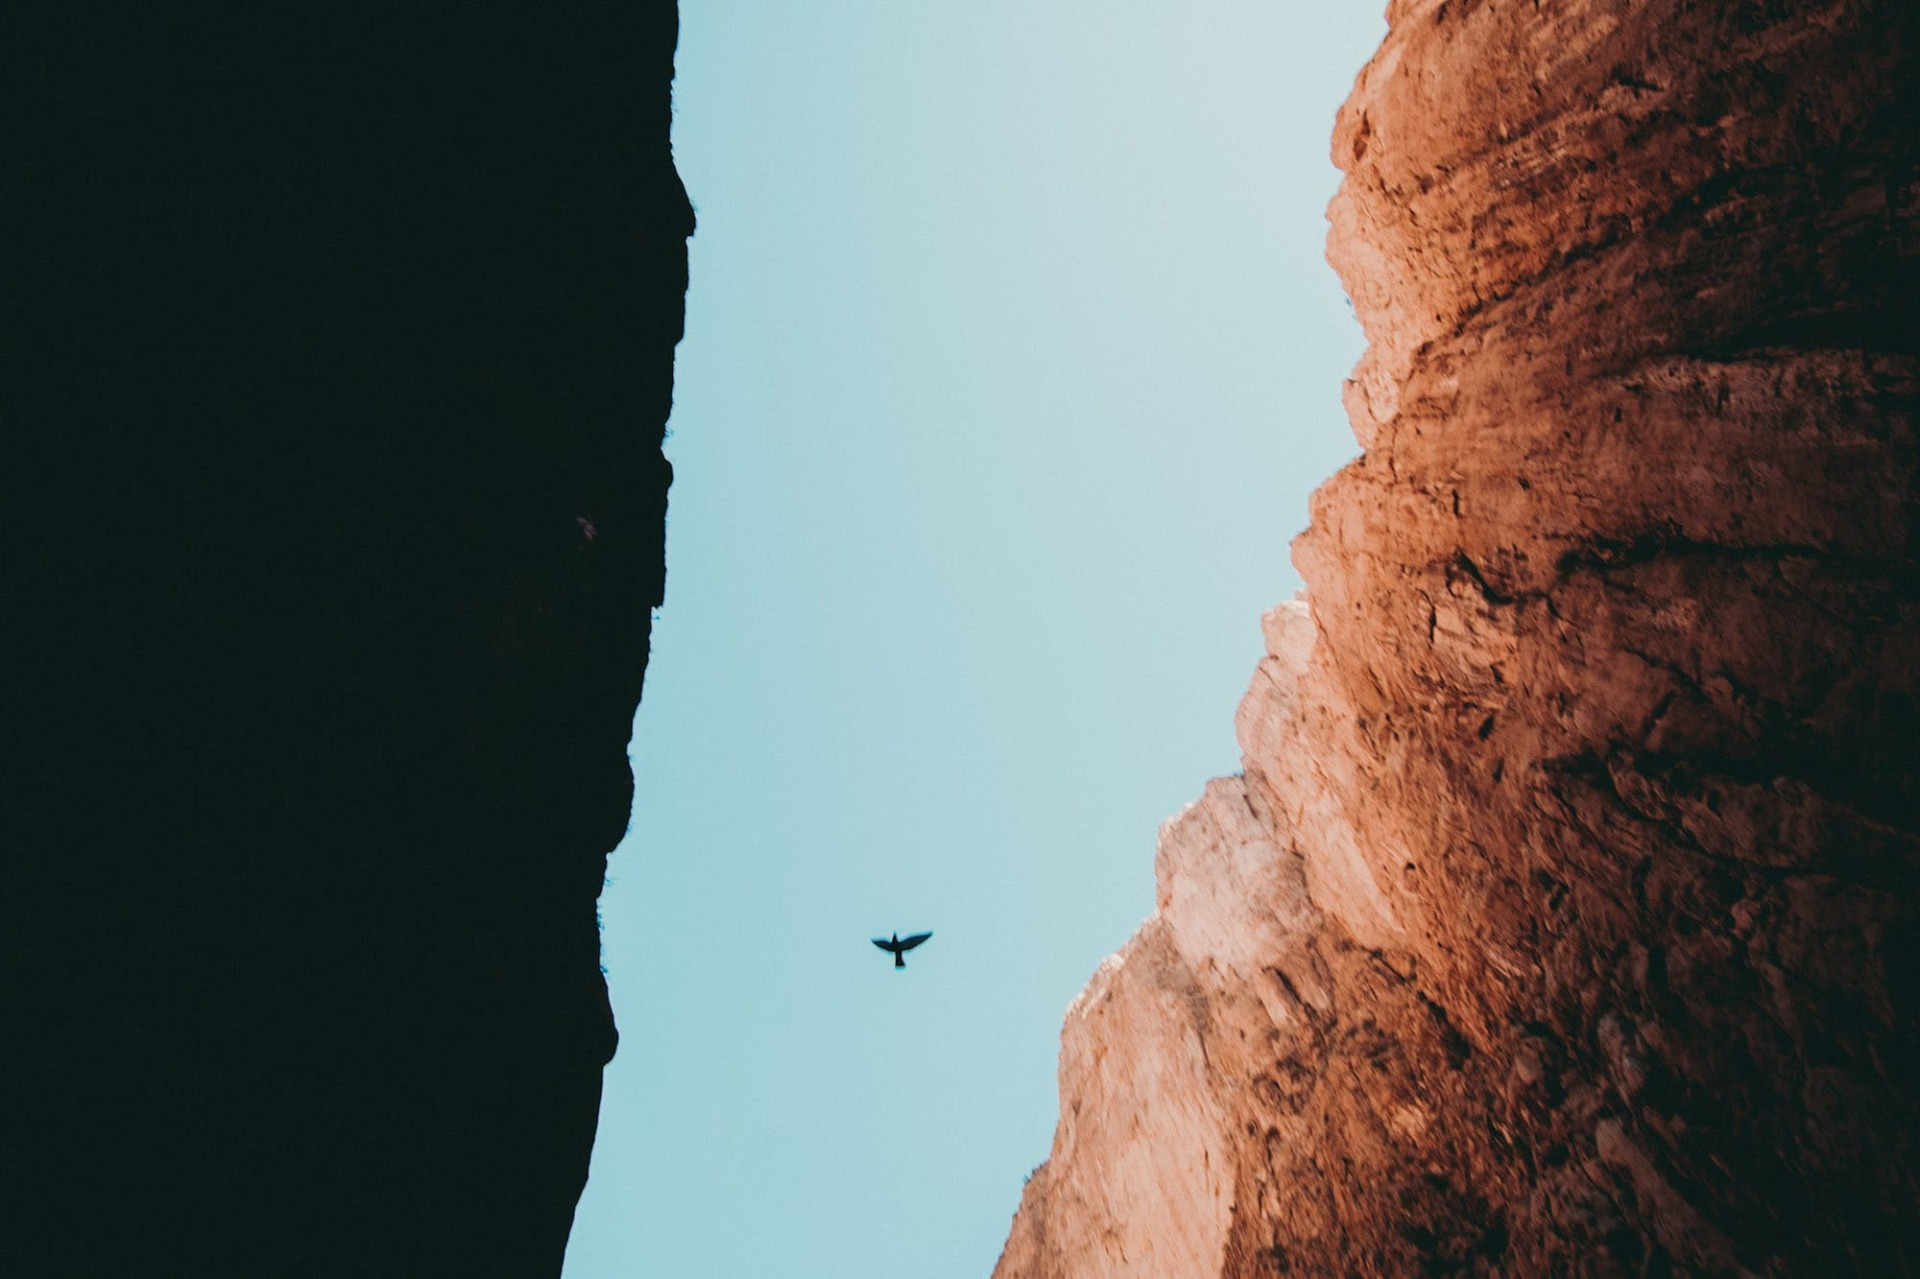 Vogel in Schlucht